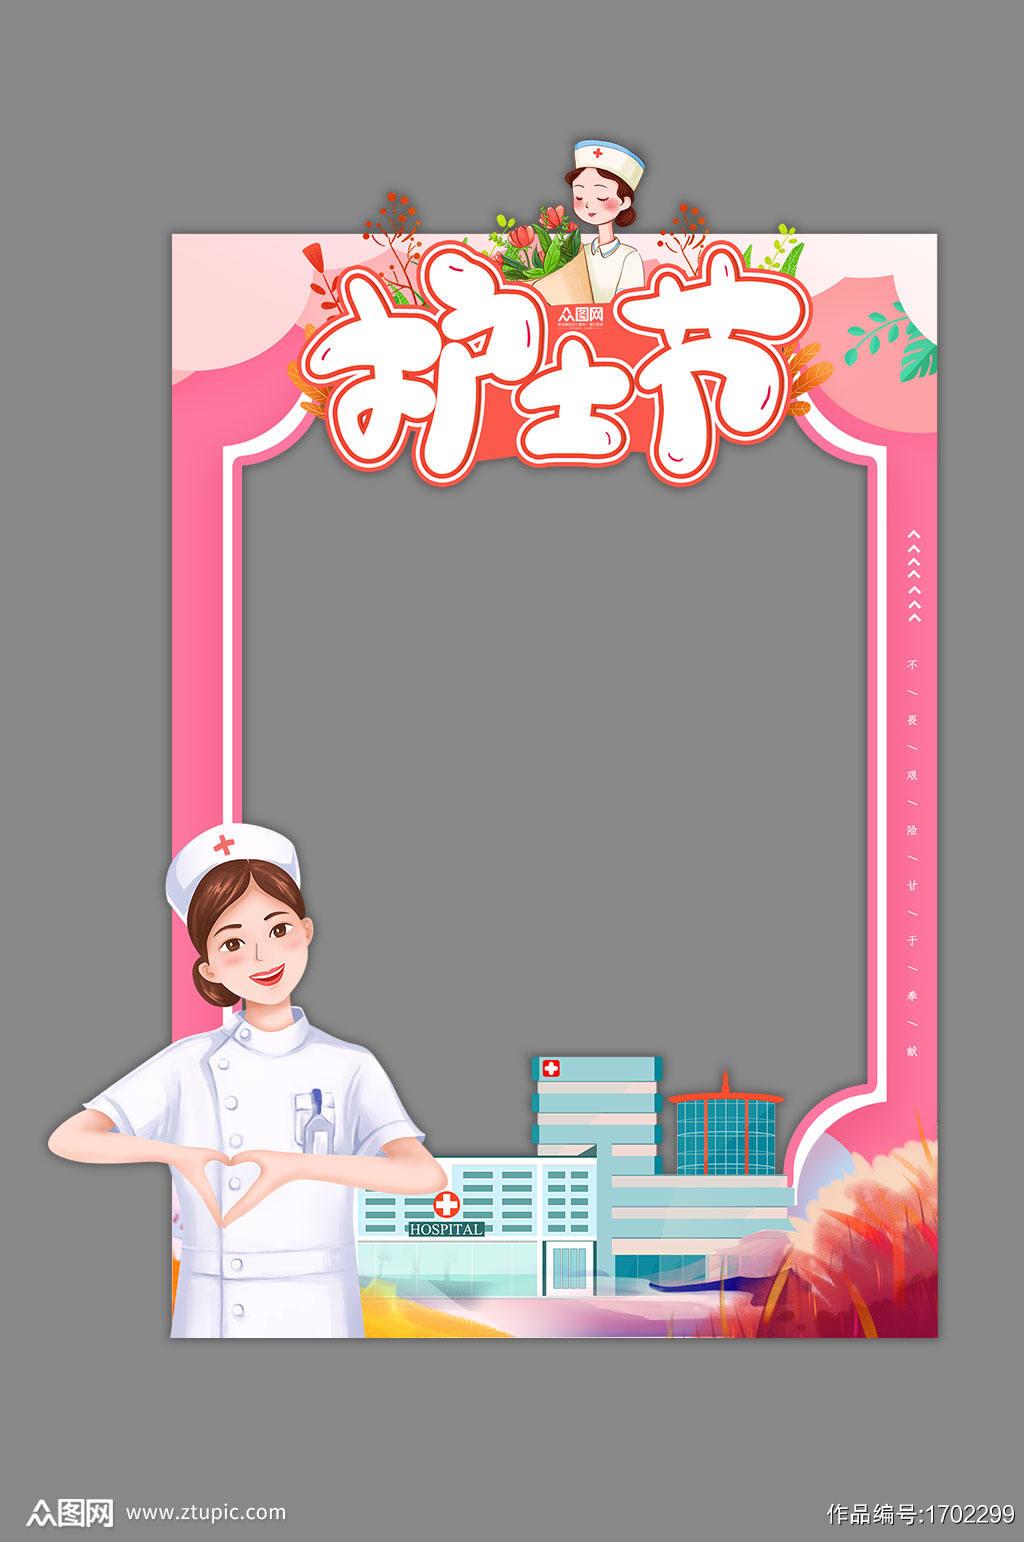 简约时尚致敬白衣天使护士节拍照框素材